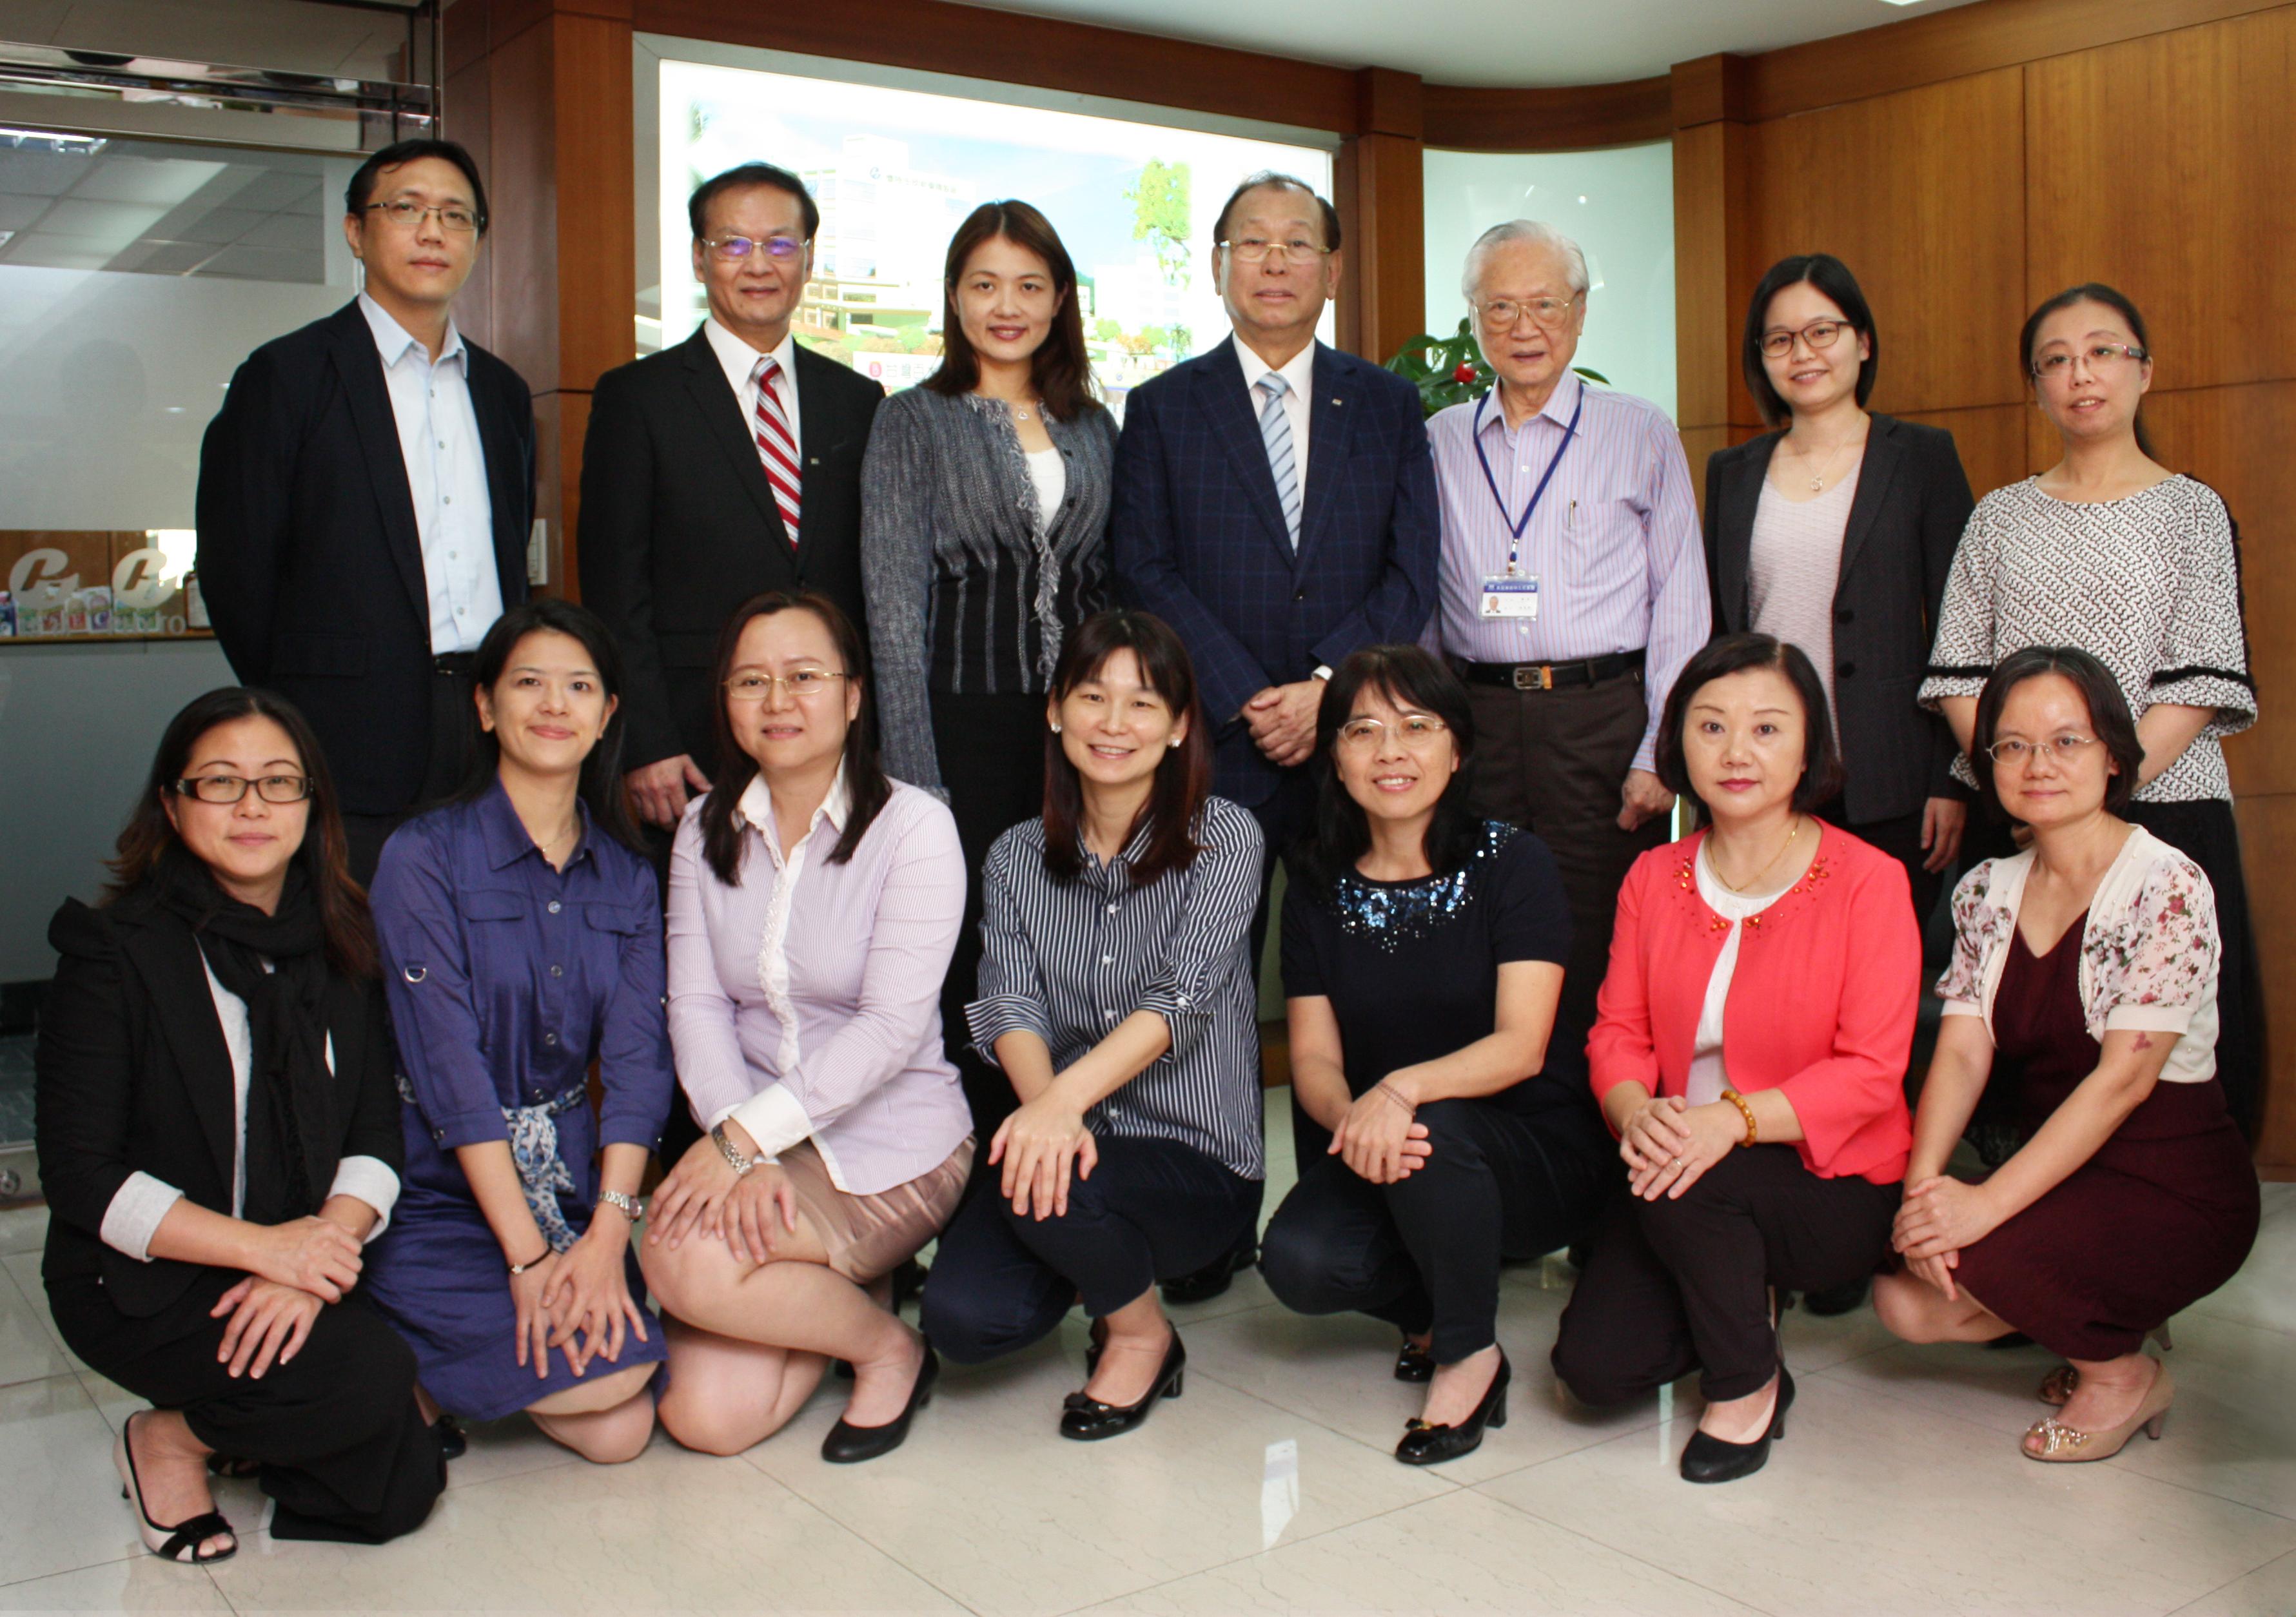 從台灣出發,與世界接軌。美吾華懷特安克生技集團理想堅定、務實前進